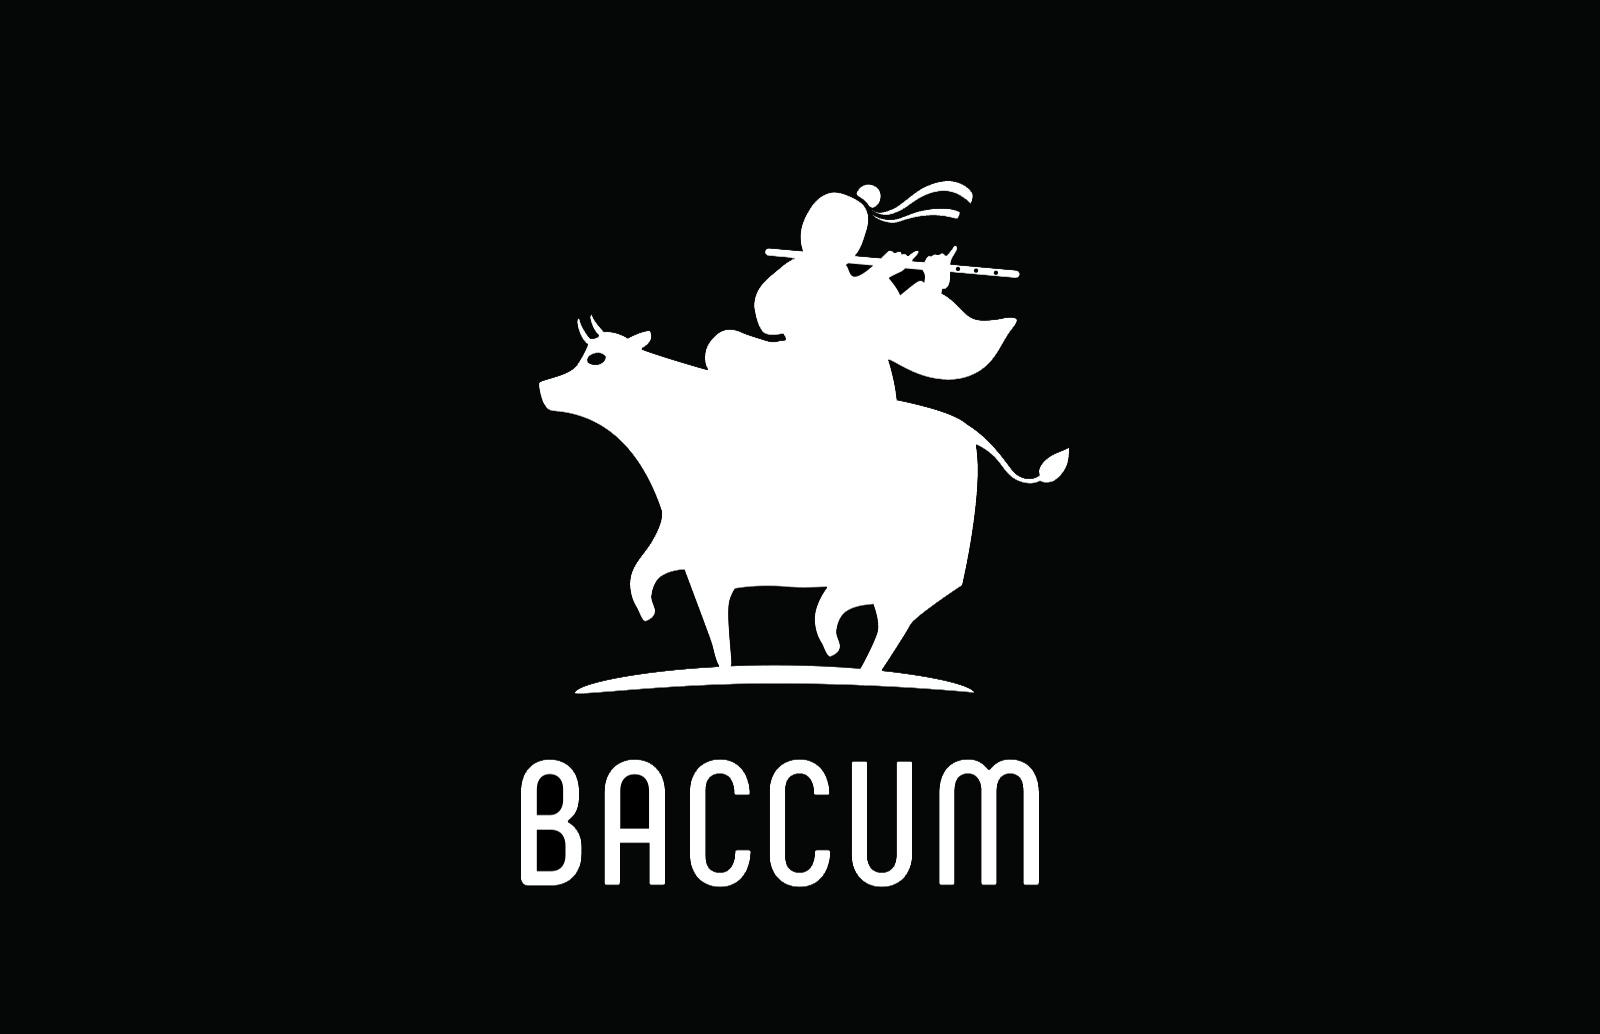 Baccum